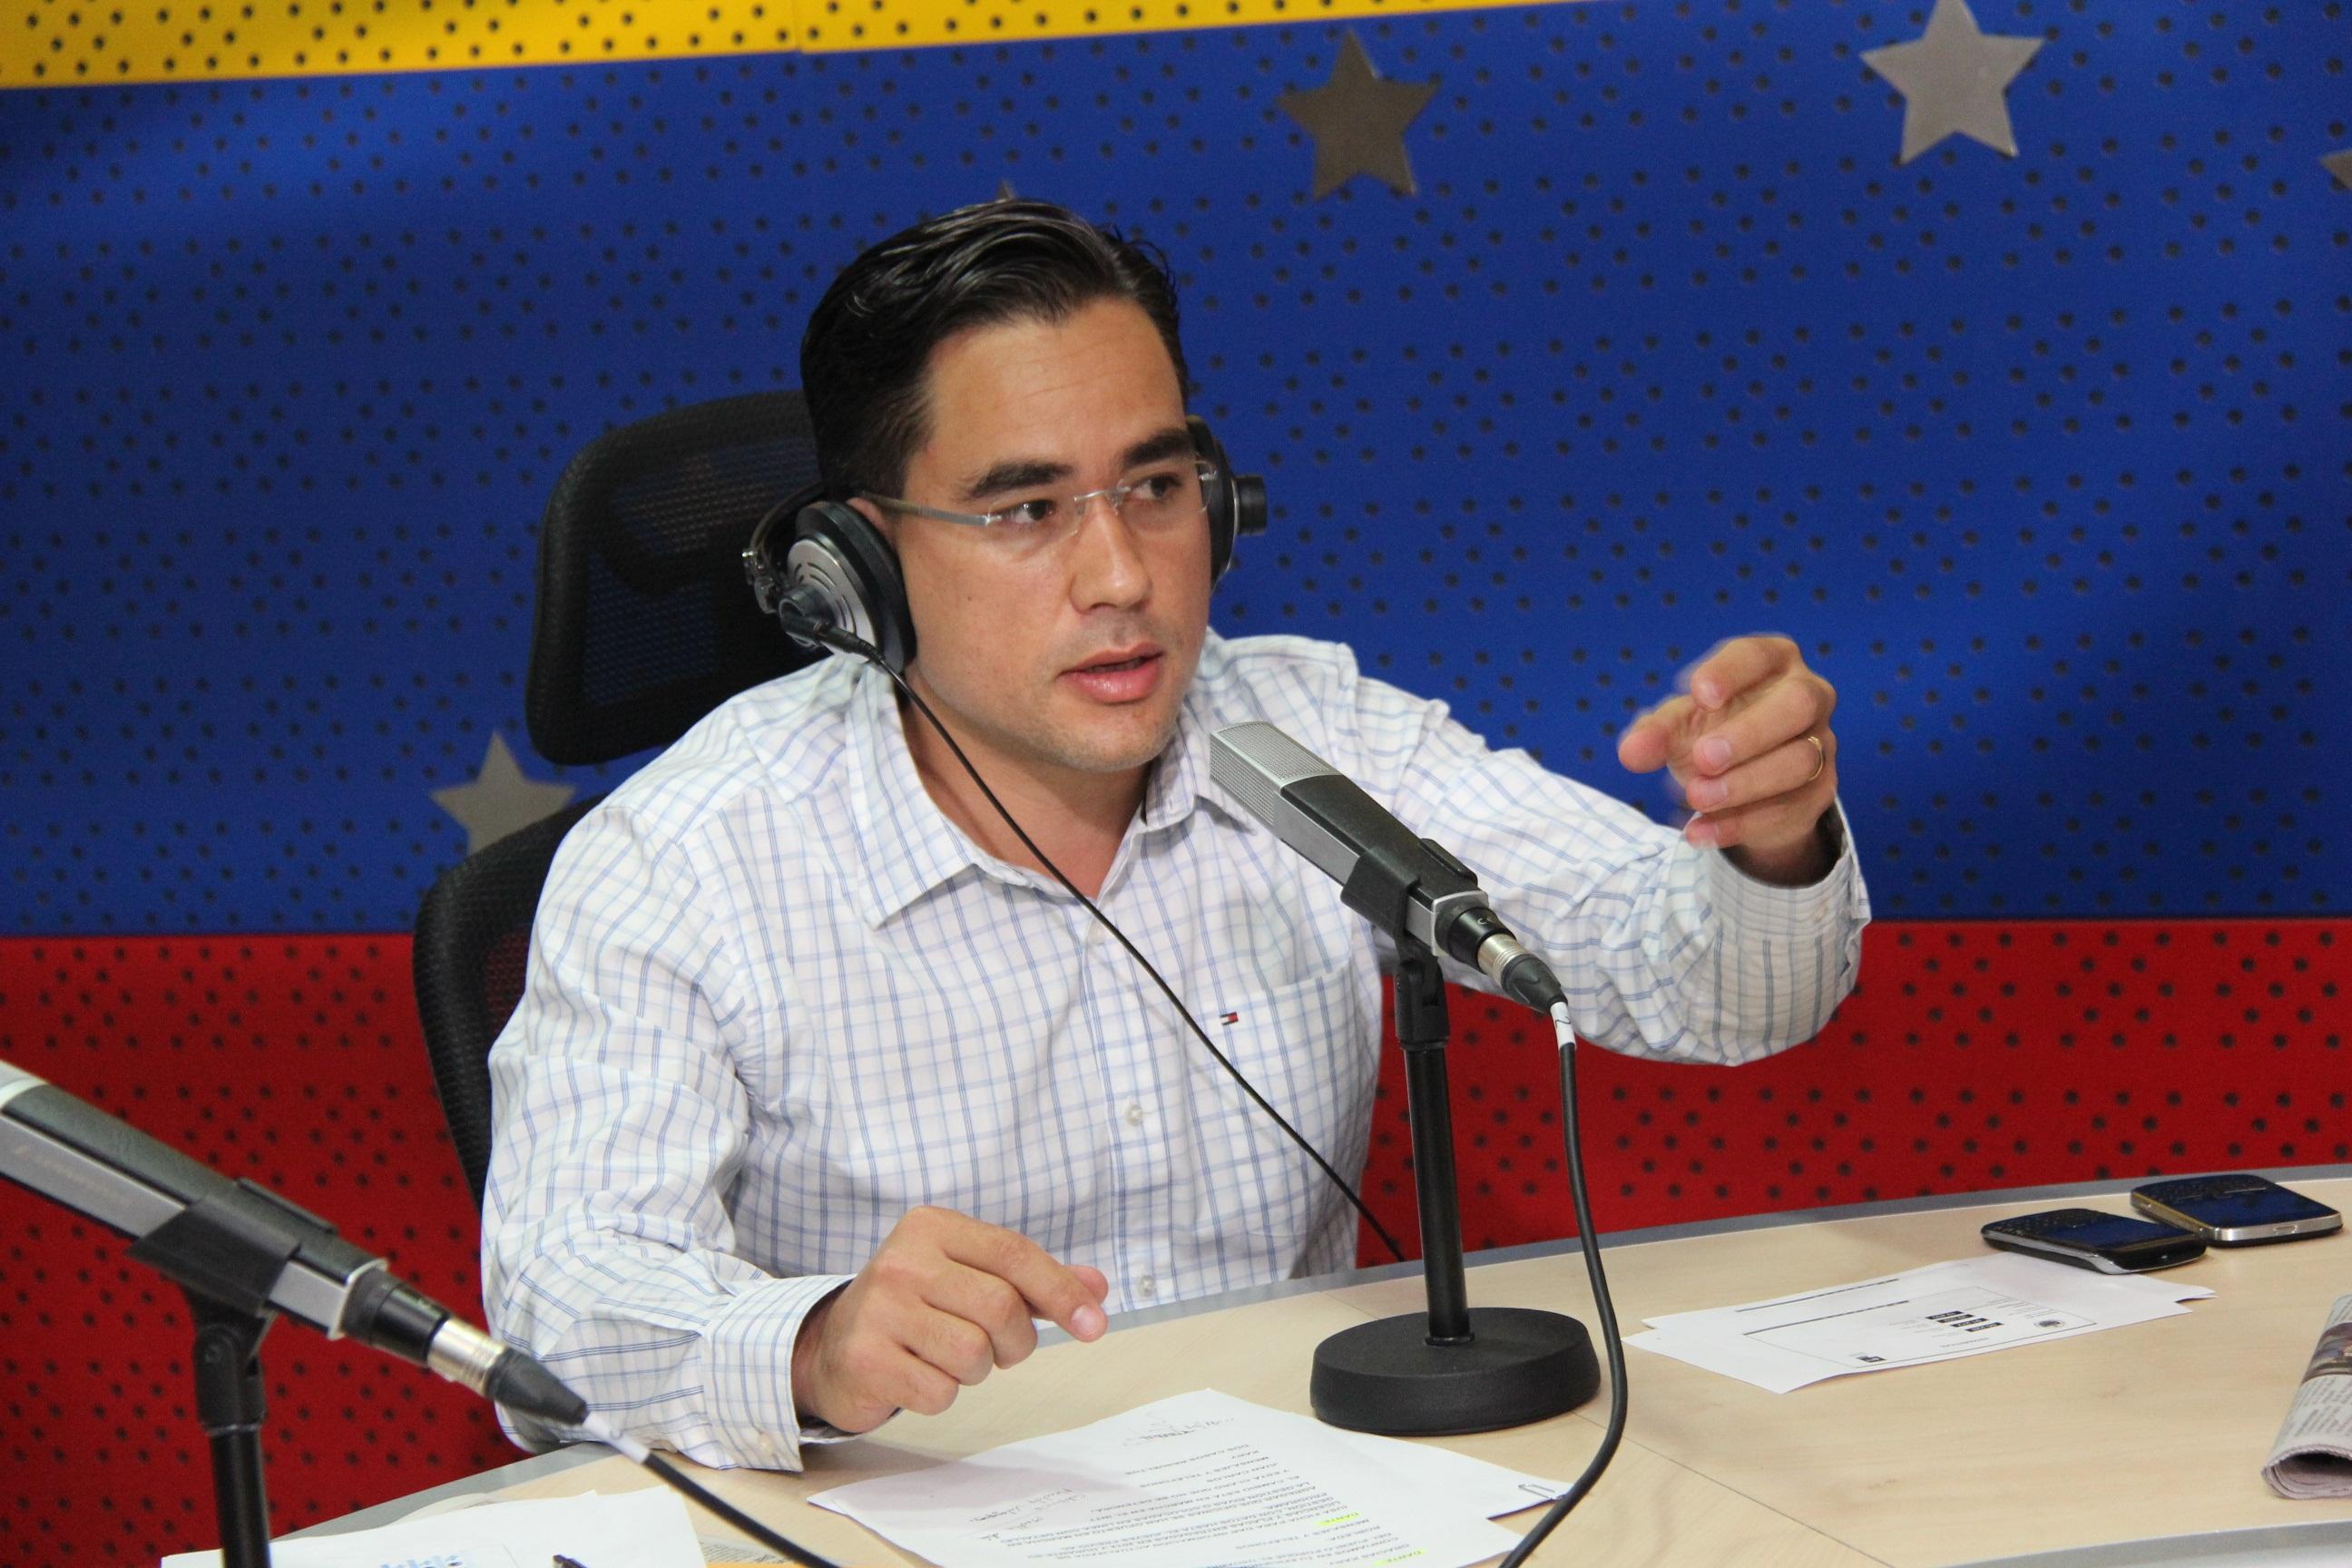 Dante Rivas